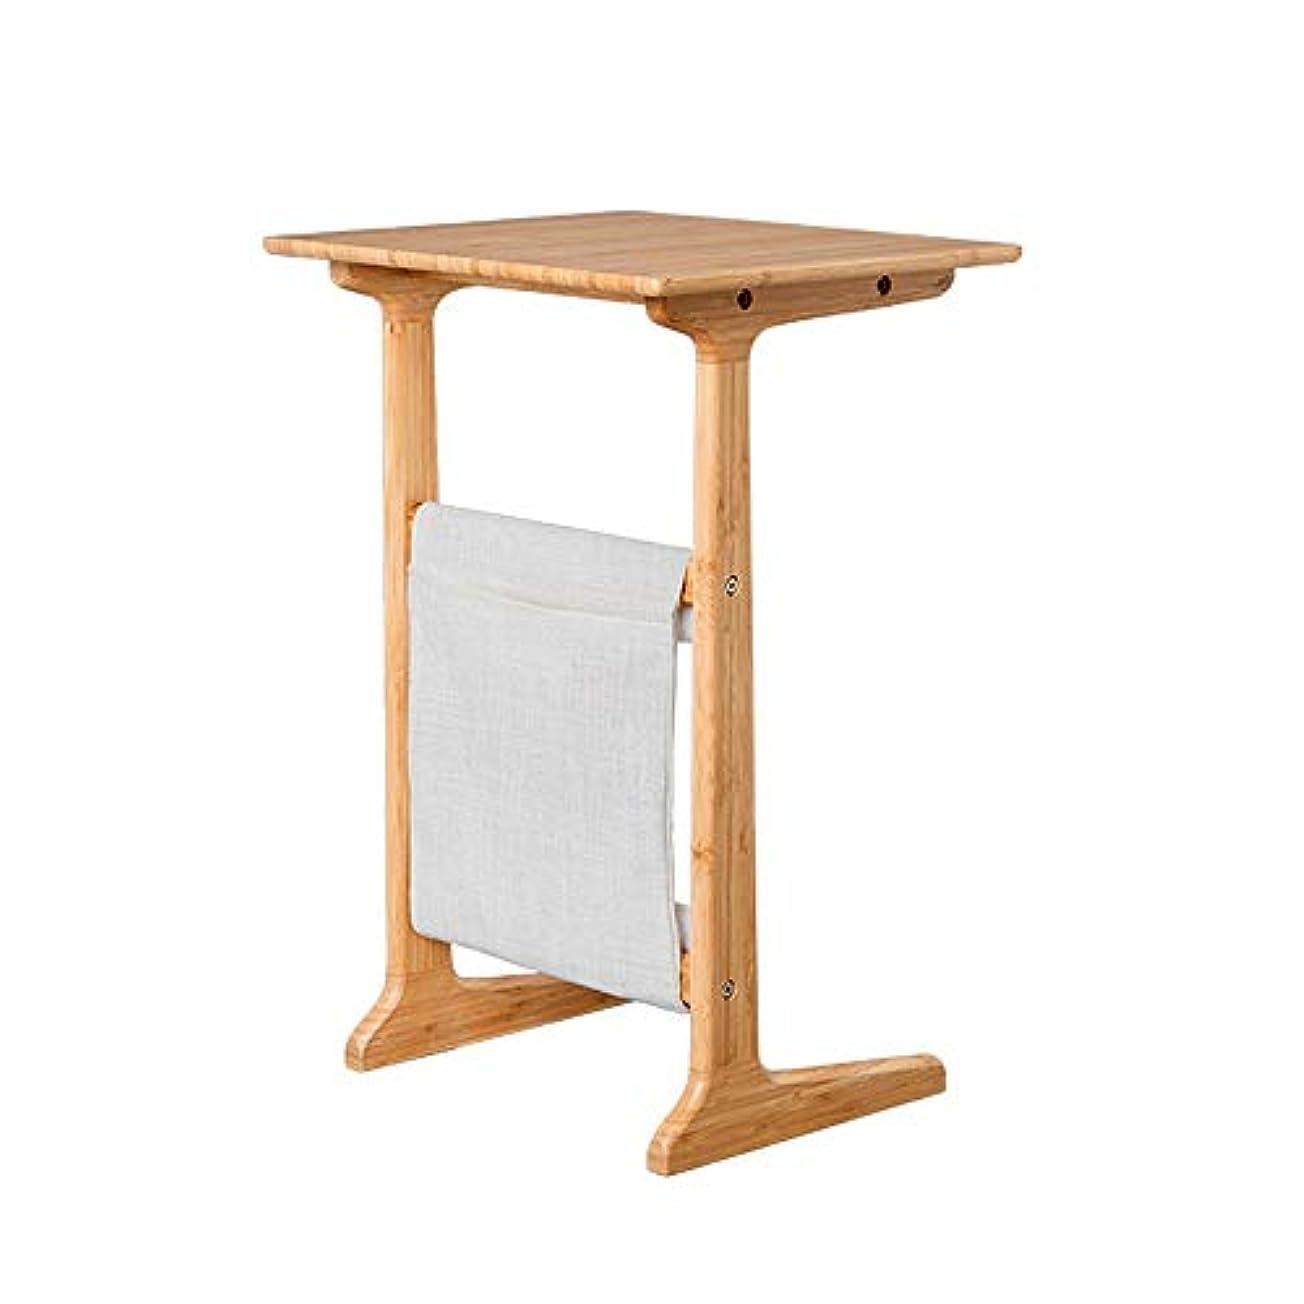 地震通訳操縦するLJHA zhuozi テーブル、ソリッドウッド製ソファ、いくつかのコーナー、いくつかのベッドルーム、ベッドサイドテーブル、バルコニー、コーヒーテーブル(白、竹原色) (色 : A)